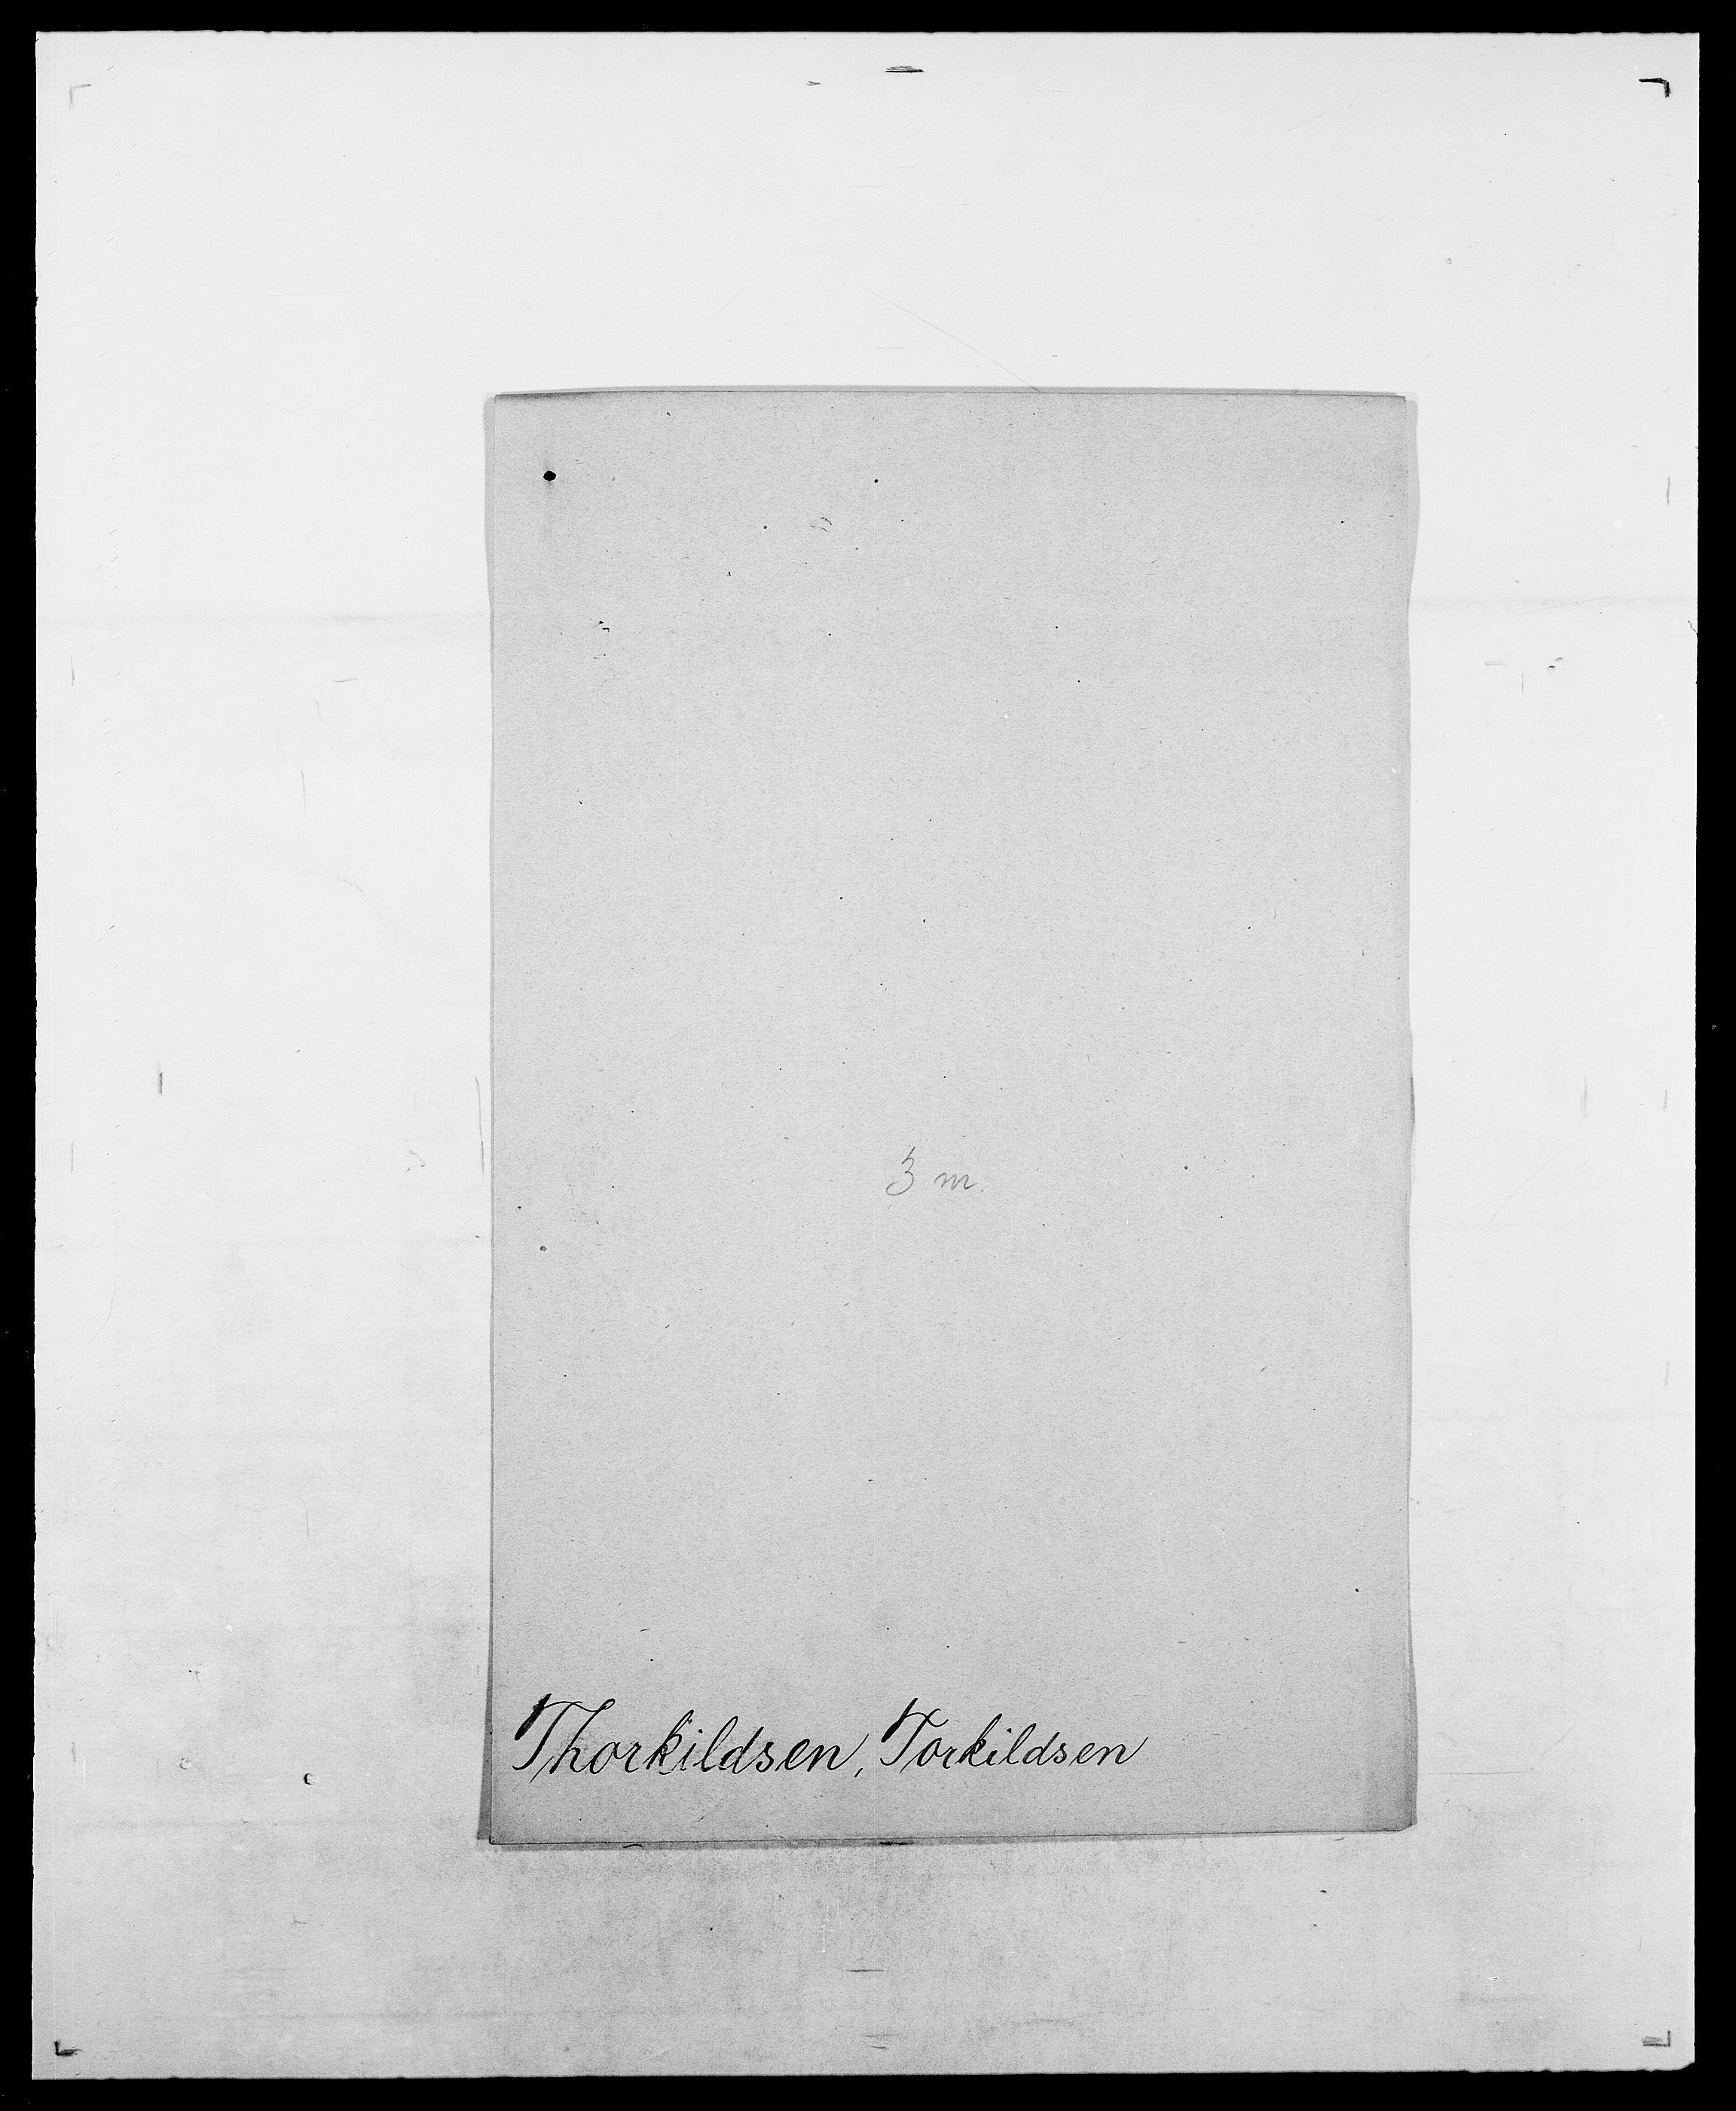 SAO, Delgobe, Charles Antoine - samling, D/Da/L0038: Svanenskjold - Thornsohn, s. 867